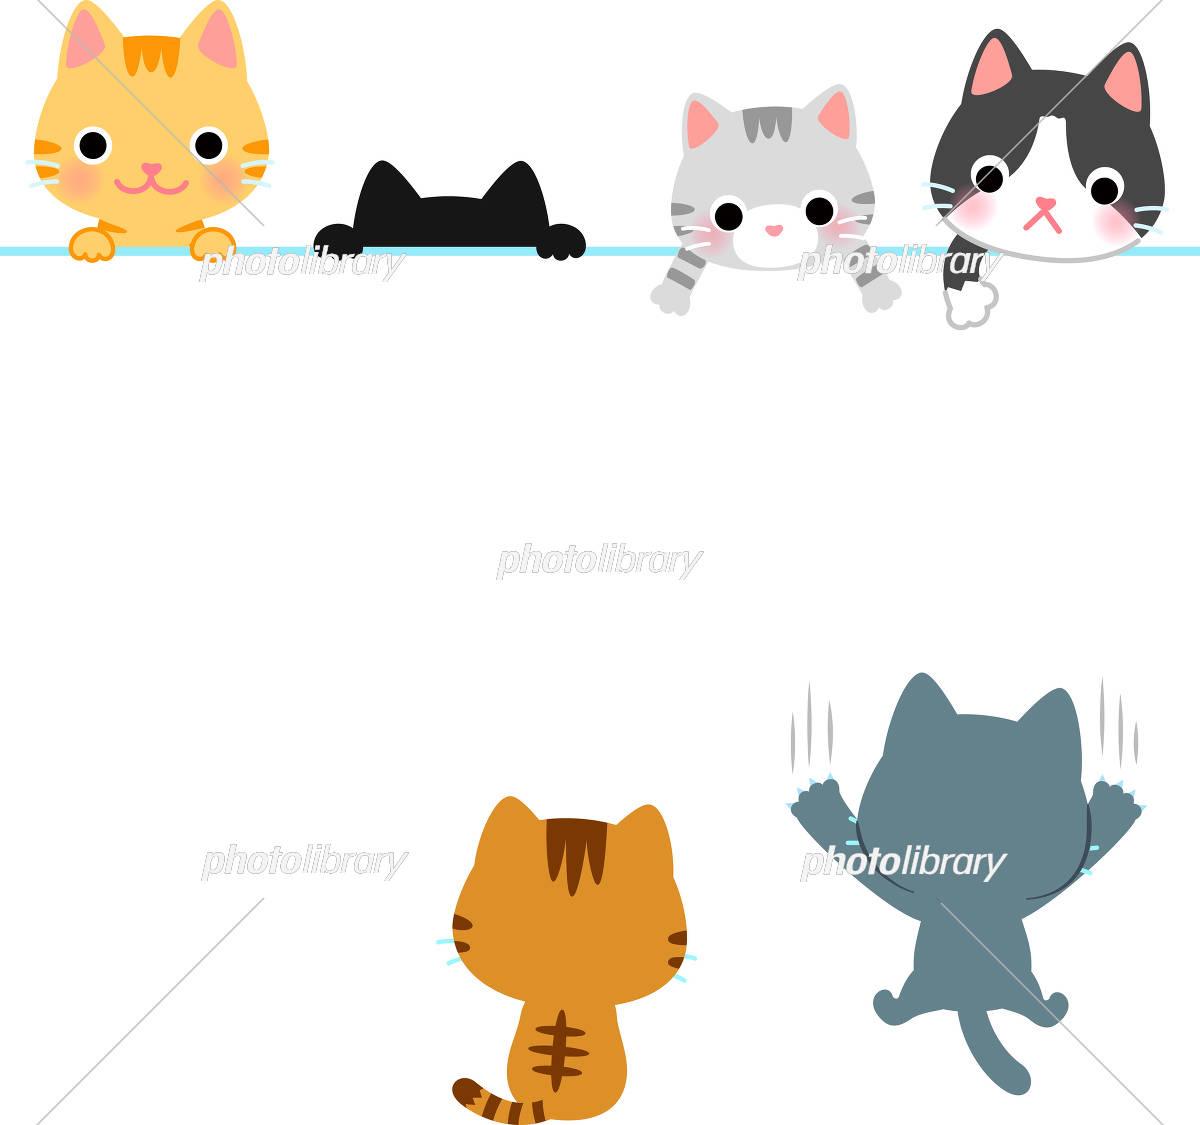 かわいい猫のヘッダー フッターイラスト イラスト素材 フォトライブラリー Photolibrary